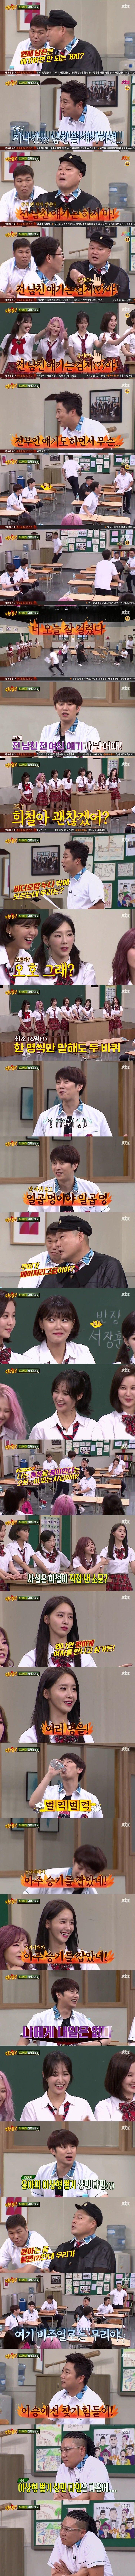 김희철.jpg 소녀시대의 여자친구 공격에 김희철의 반격.jpg